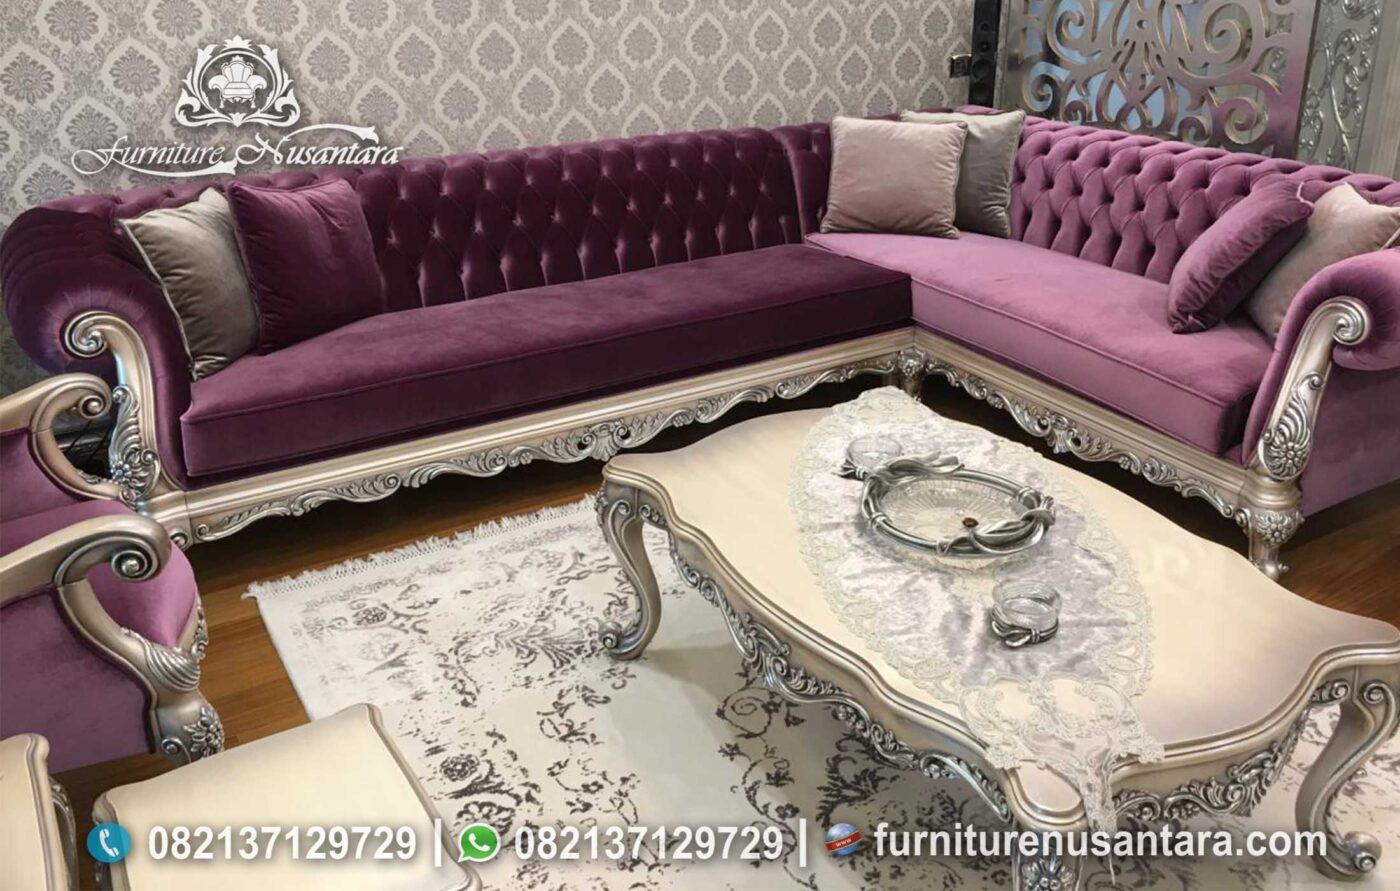 Jual Sofa L Luxury Eropa Terbaru 2021 ST-17, Furniture Nusantara